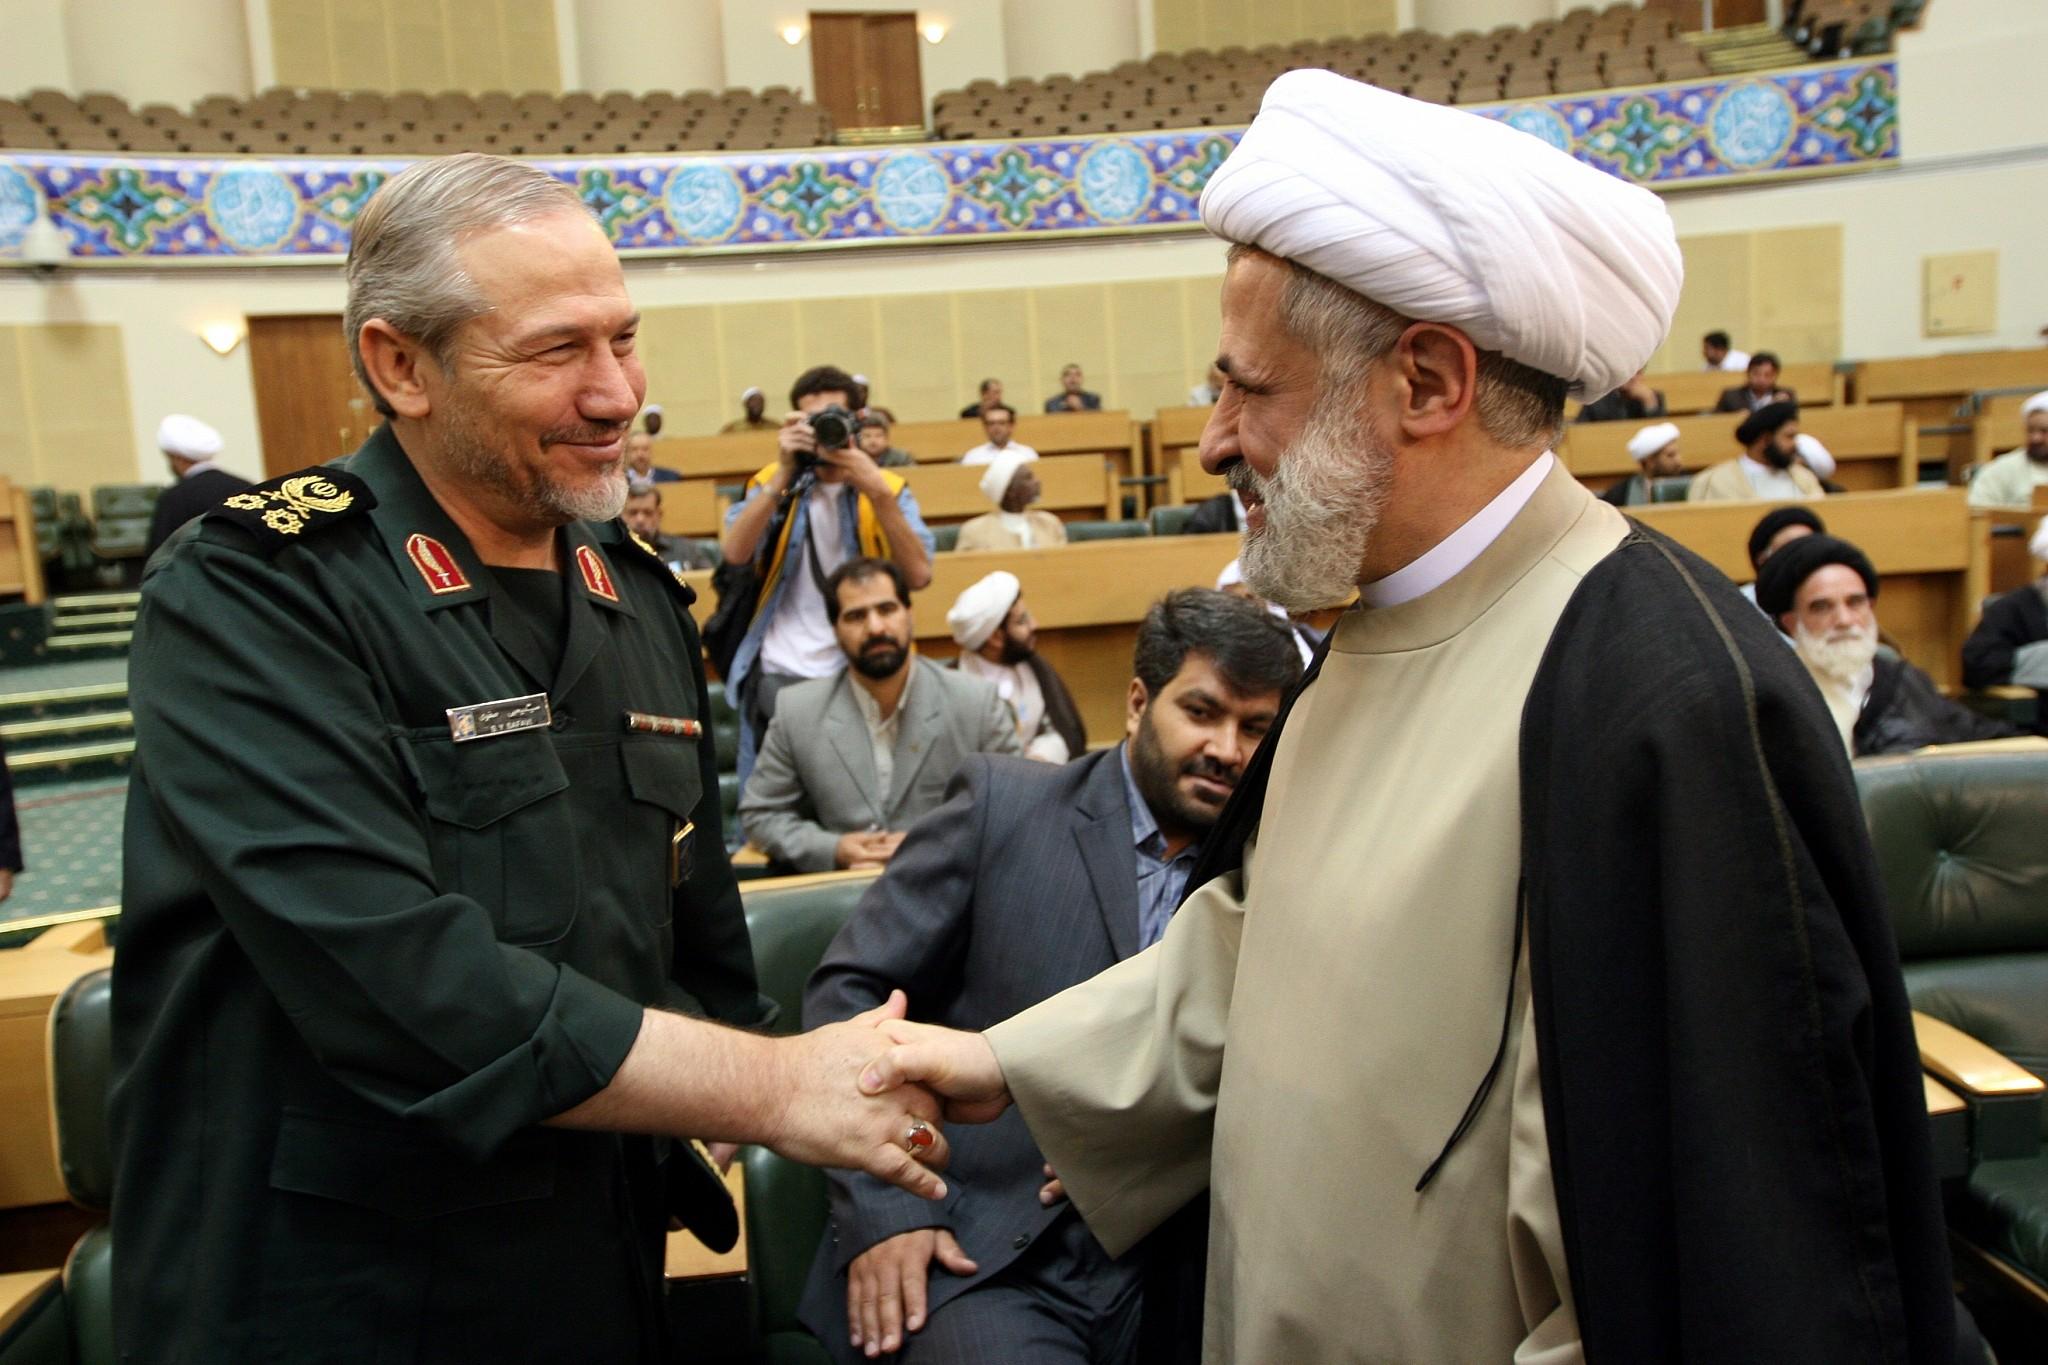 En Iran, drapeaux américains brûlés, des milliers pleurent le général Soleimani